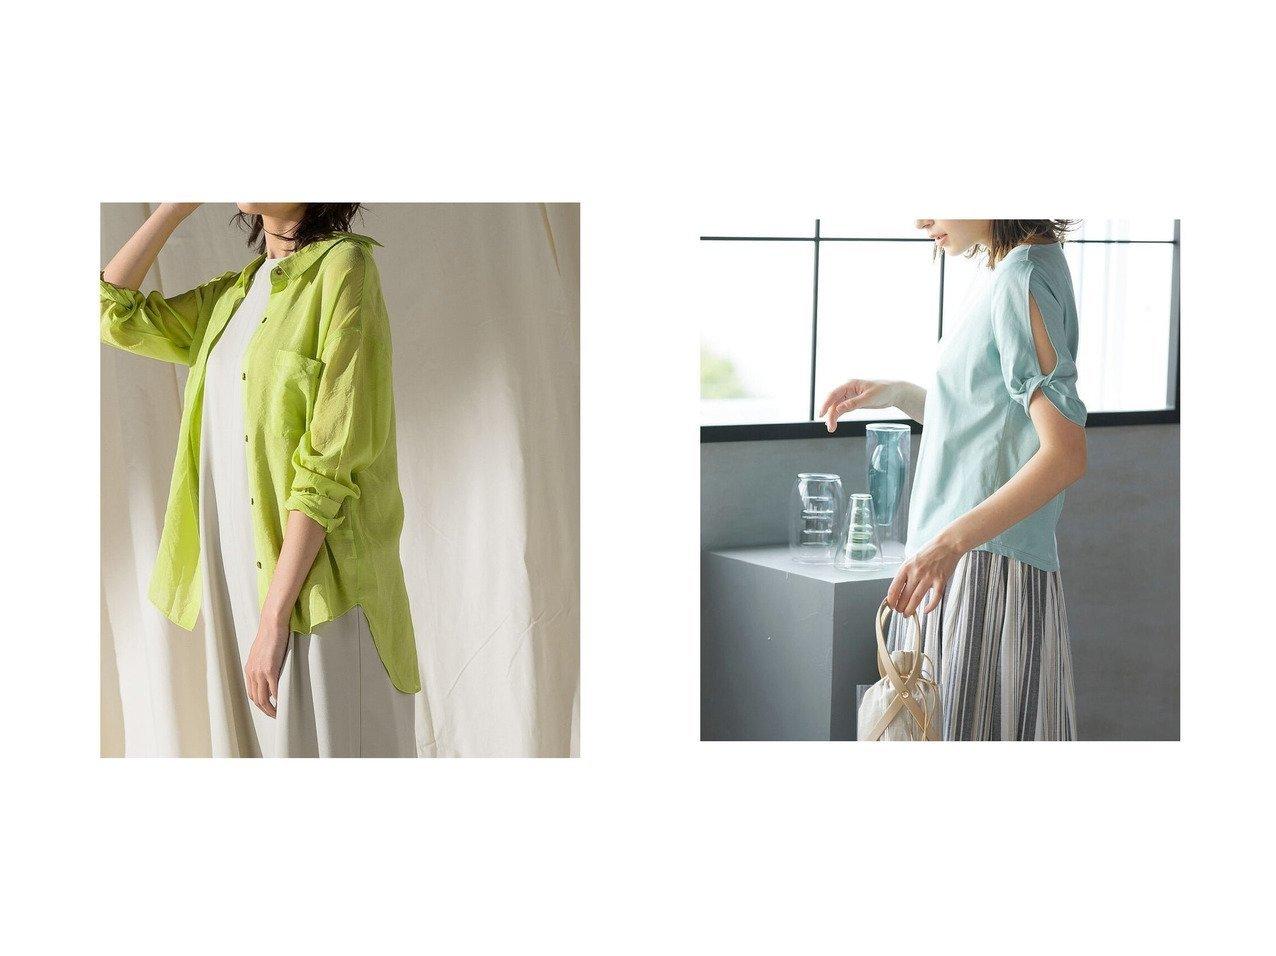 【MAYSON GREY/メイソングレイ】のシアー2WAYオープンカラーシャツ&【Ketty/ケティ】のツイストスリーブ半袖カットソー 【トップス・カットソー】おすすめ!人気、トレンド・レディースファッションの通販  おすすめで人気の流行・トレンド、ファッションの通販商品 インテリア・家具・メンズファッション・キッズファッション・レディースファッション・服の通販 founy(ファニー) https://founy.com/ ファッション Fashion レディースファッション WOMEN トップス・カットソー Tops/Tshirt カットソー Cut and Sewn シャツ/ブラウス Shirts/Blouses A/W・秋冬 AW・Autumn/Winter・FW・Fall-Winter S/S・春夏 SS・Spring/Summer おすすめ Recommend カットソー ショルダー スリーブ ツイスト デニム トレンド フィット プリント リラックス 半袖 夏 Summer 春 Spring |ID:crp329100000049334